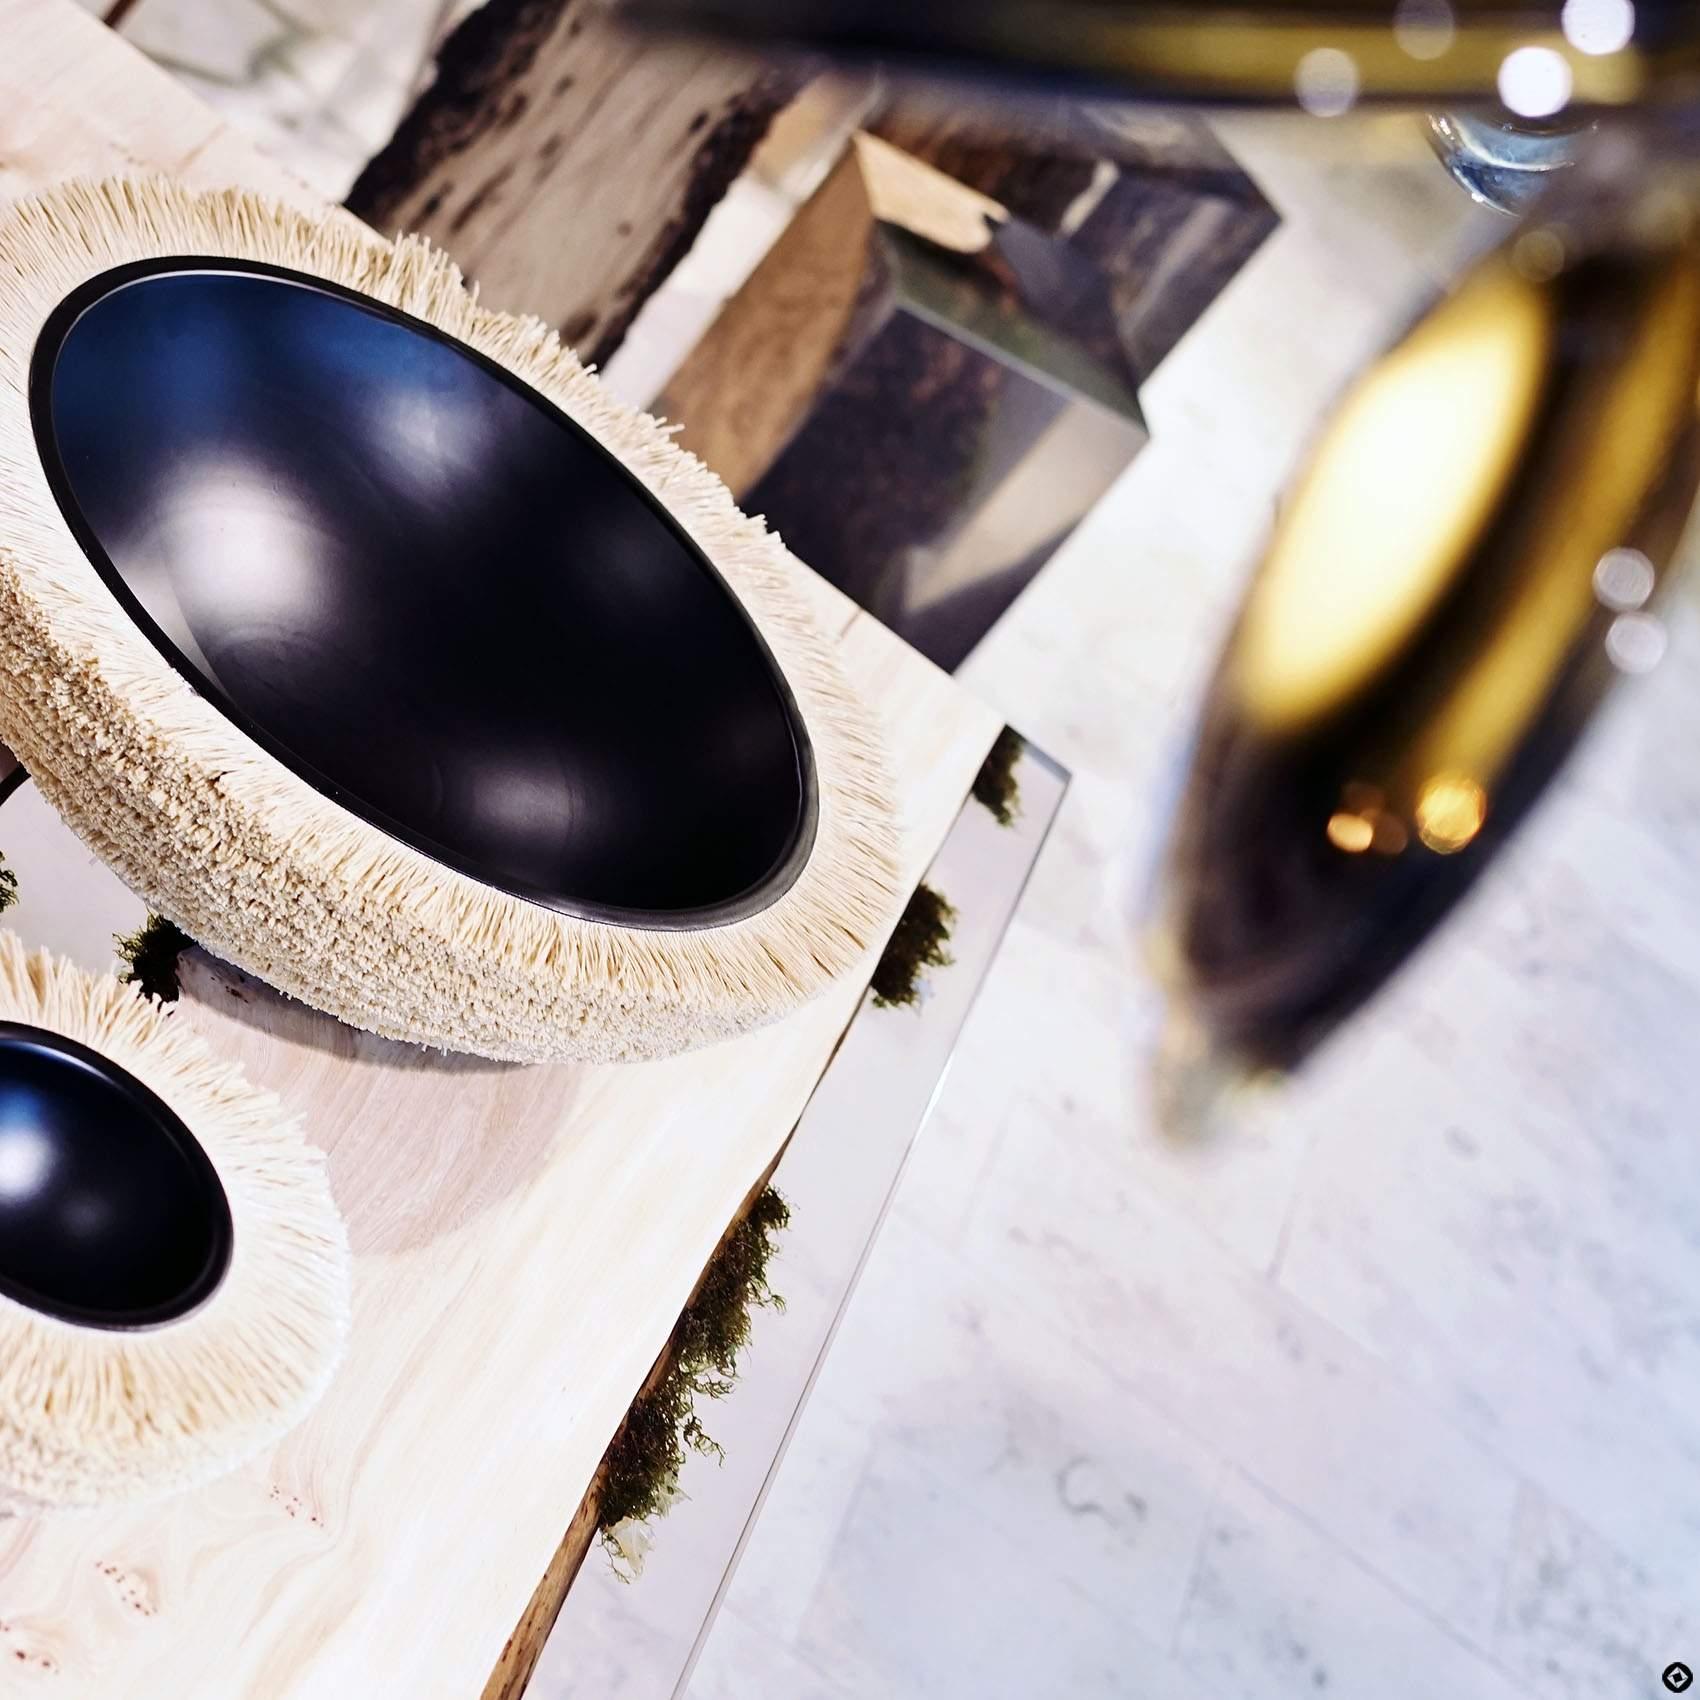 pdw16-galerie-s-bensimon-blog-design